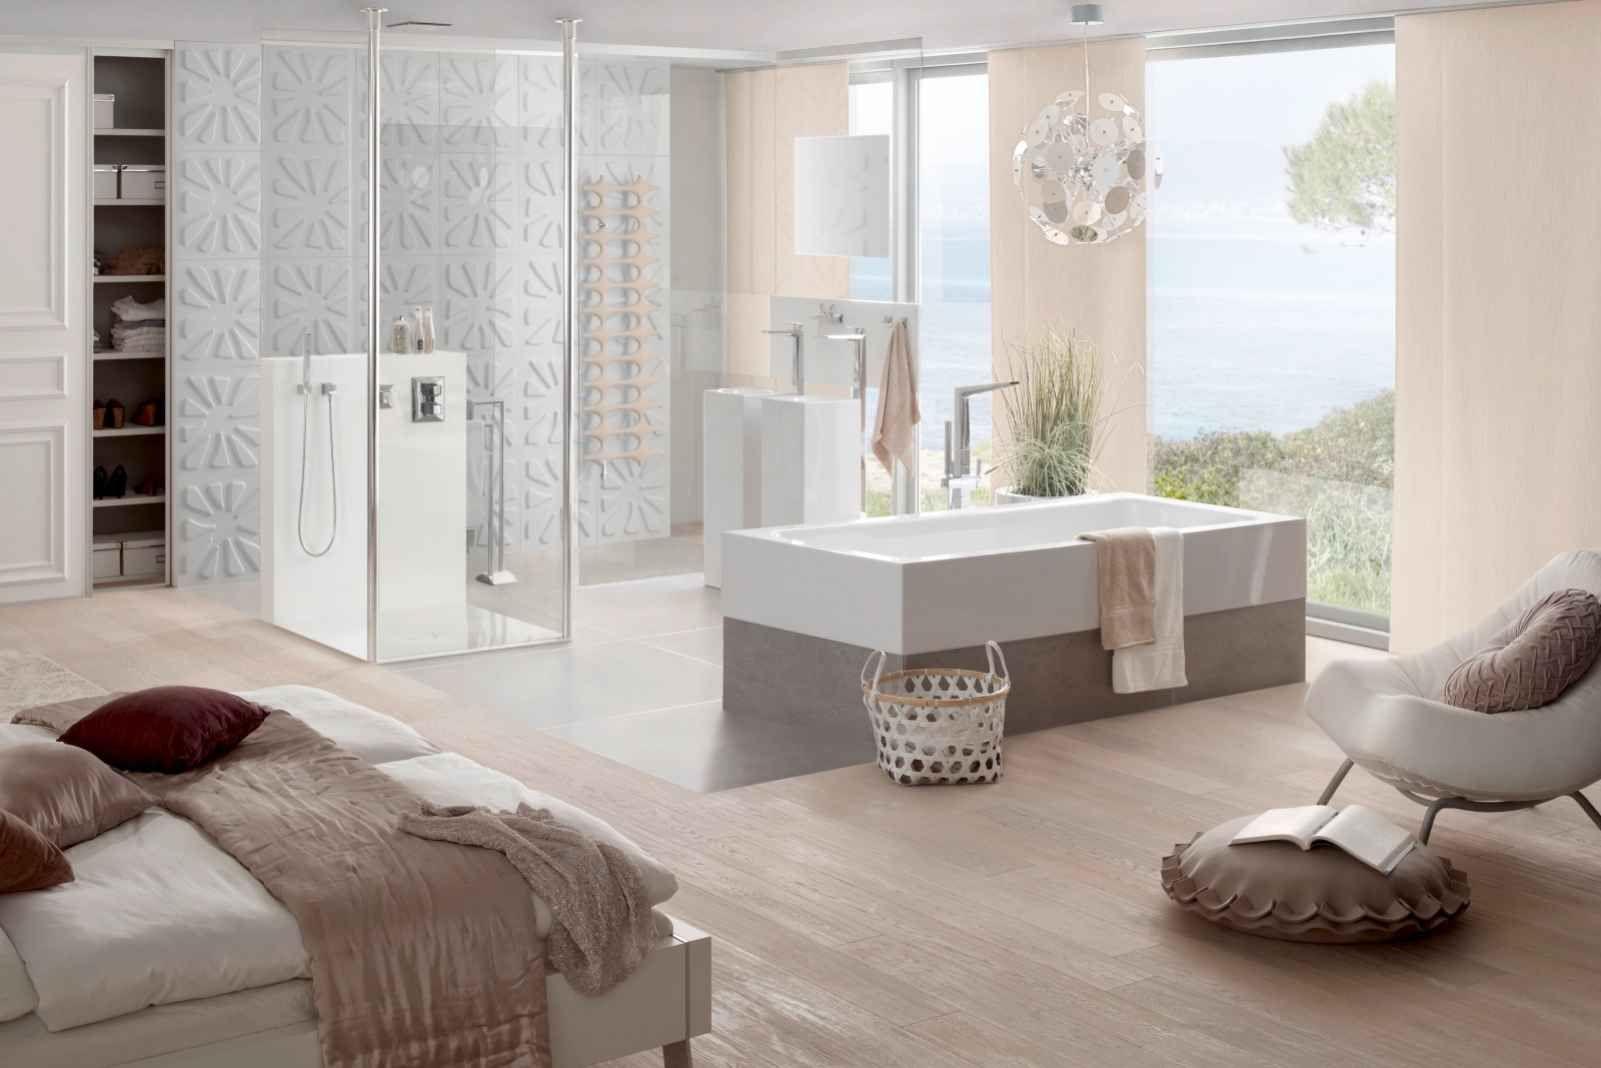 kombinierte schlafzimmer und badezimmer mit rechteck badewanne one highline badezimmer. Black Bedroom Furniture Sets. Home Design Ideas